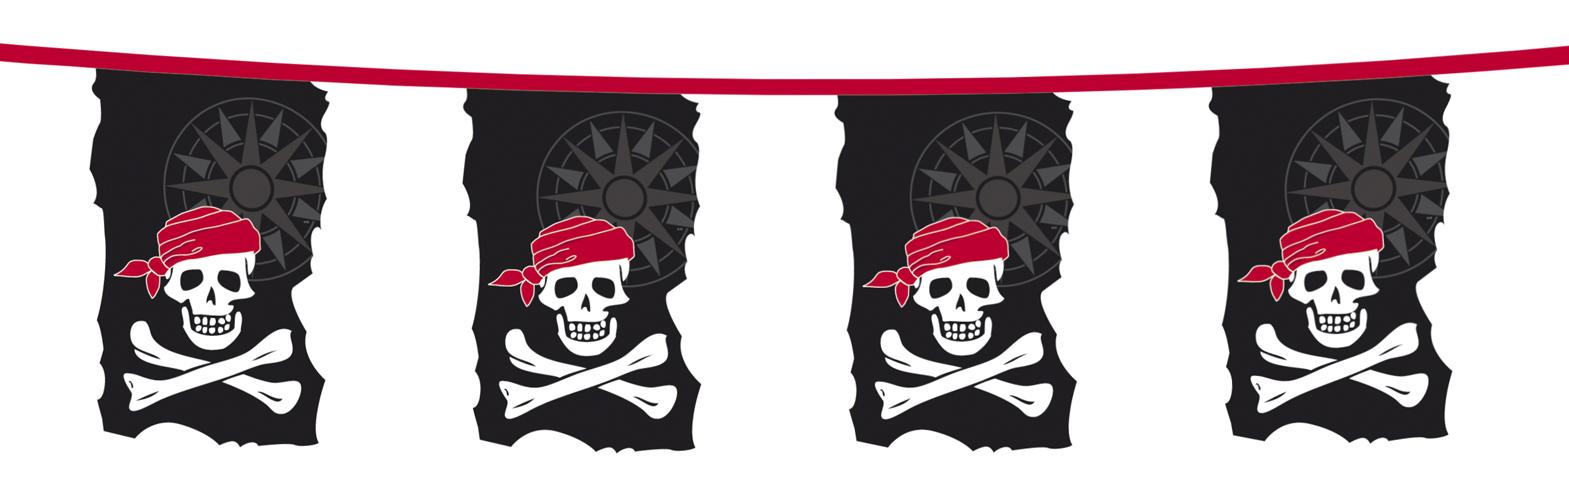 Piraten vlaggenlijn Skull Island 10m